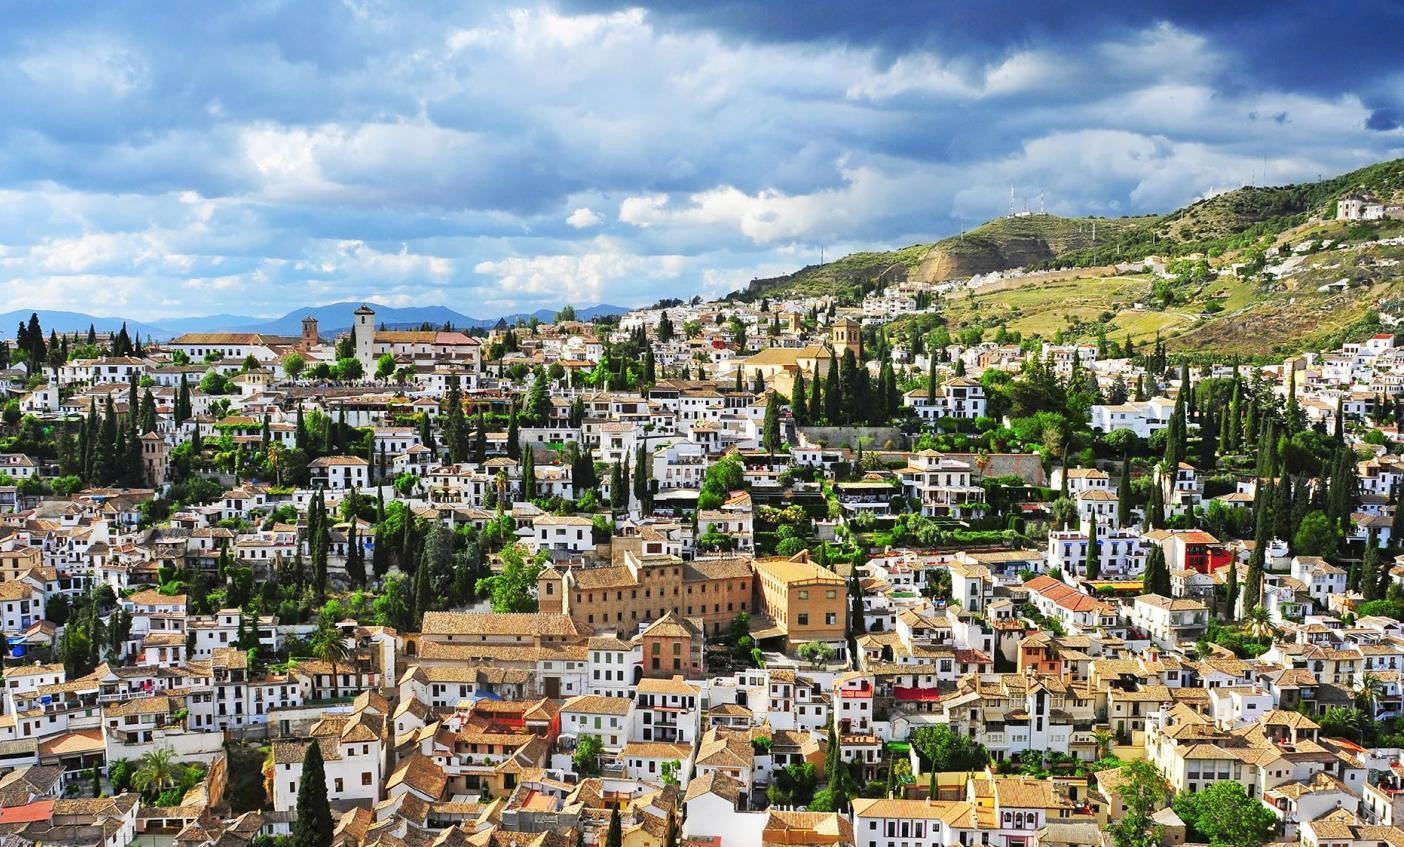 إسبانيا غرناطة اهم الاماكن السياحية حي البيازين